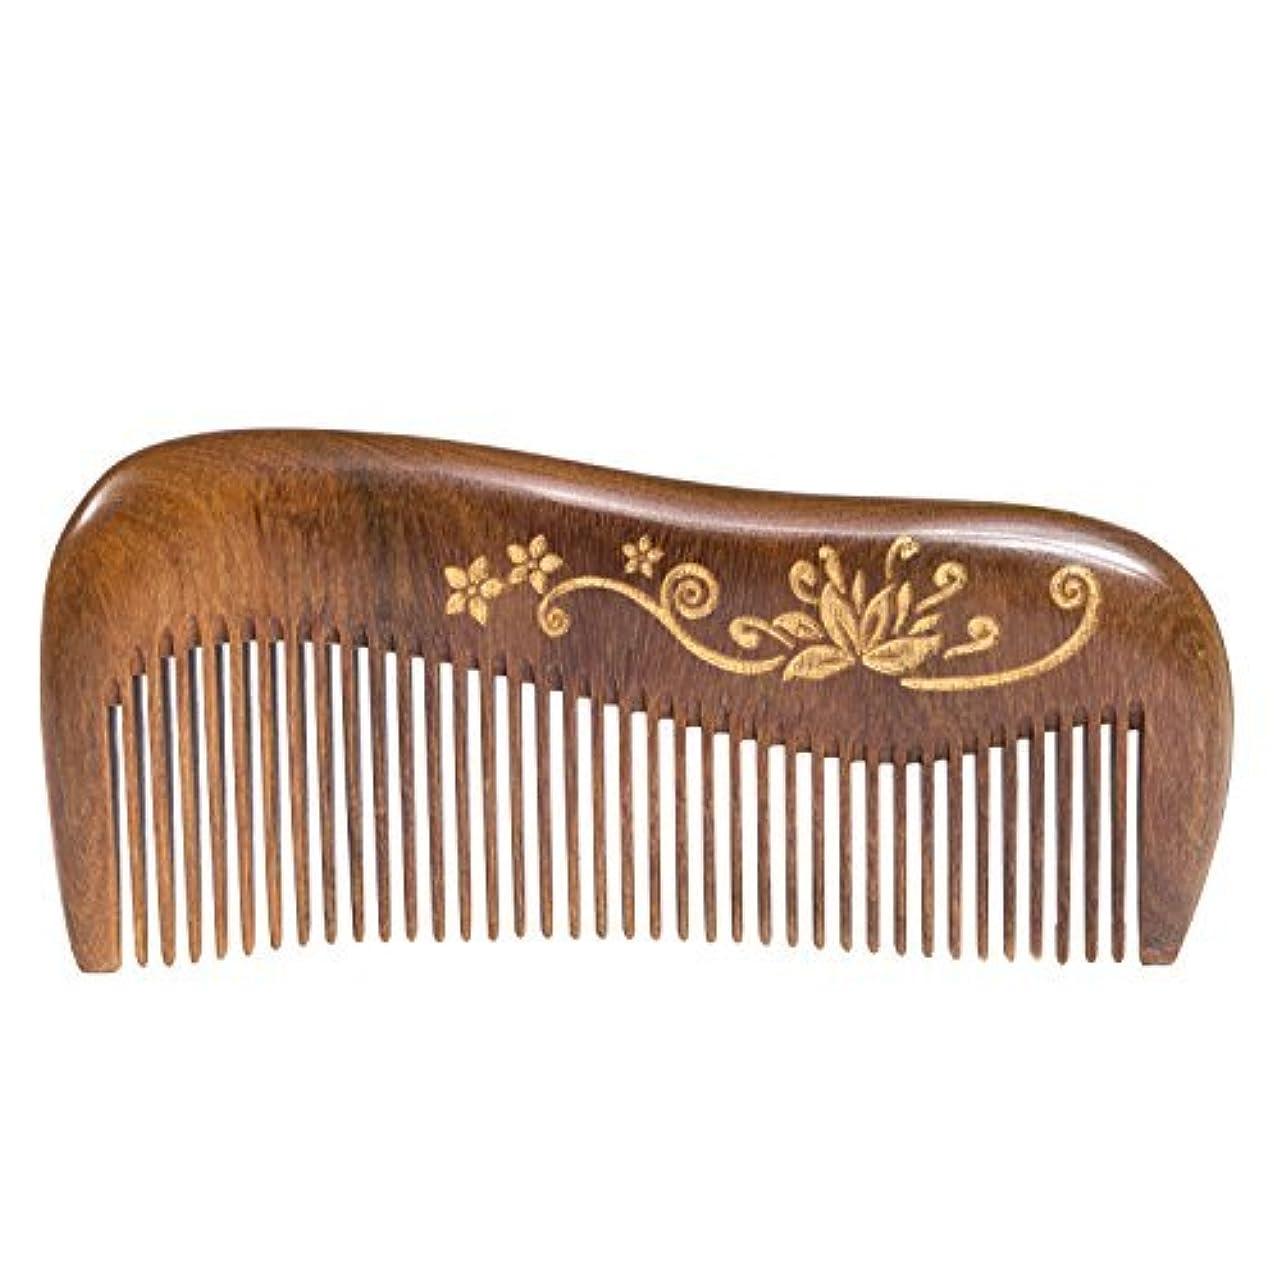 約束するアルネ去るBreezelike Wooden Hair Comb - Fine Tooth Wood Comb for Women - No Static Natural Detangling Sandalwood Comb [並行輸入品]